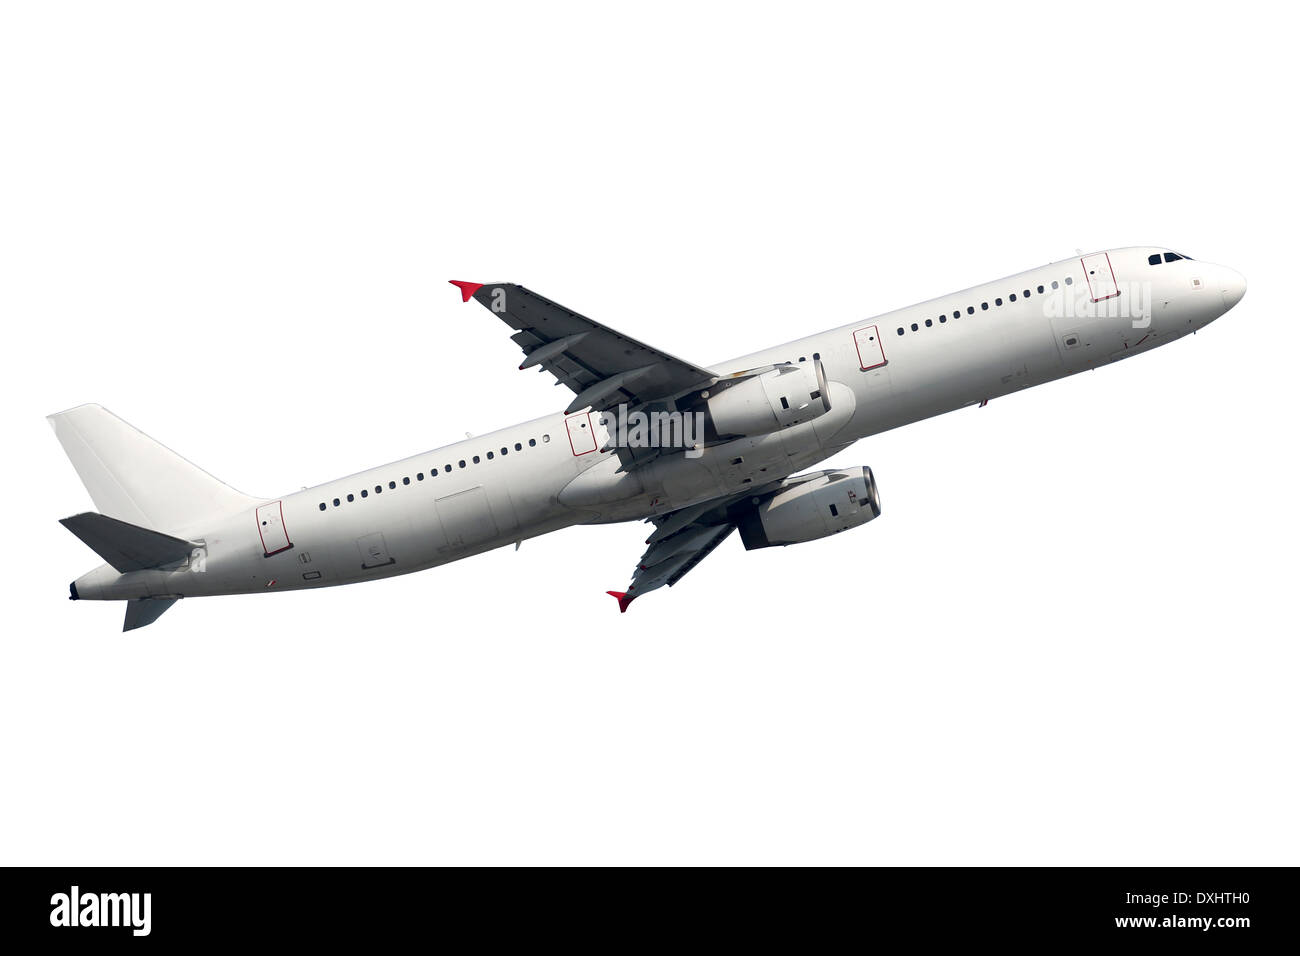 Flugzeug während des Fluges auf einem weißen Hintergrund isoliert Stockbild